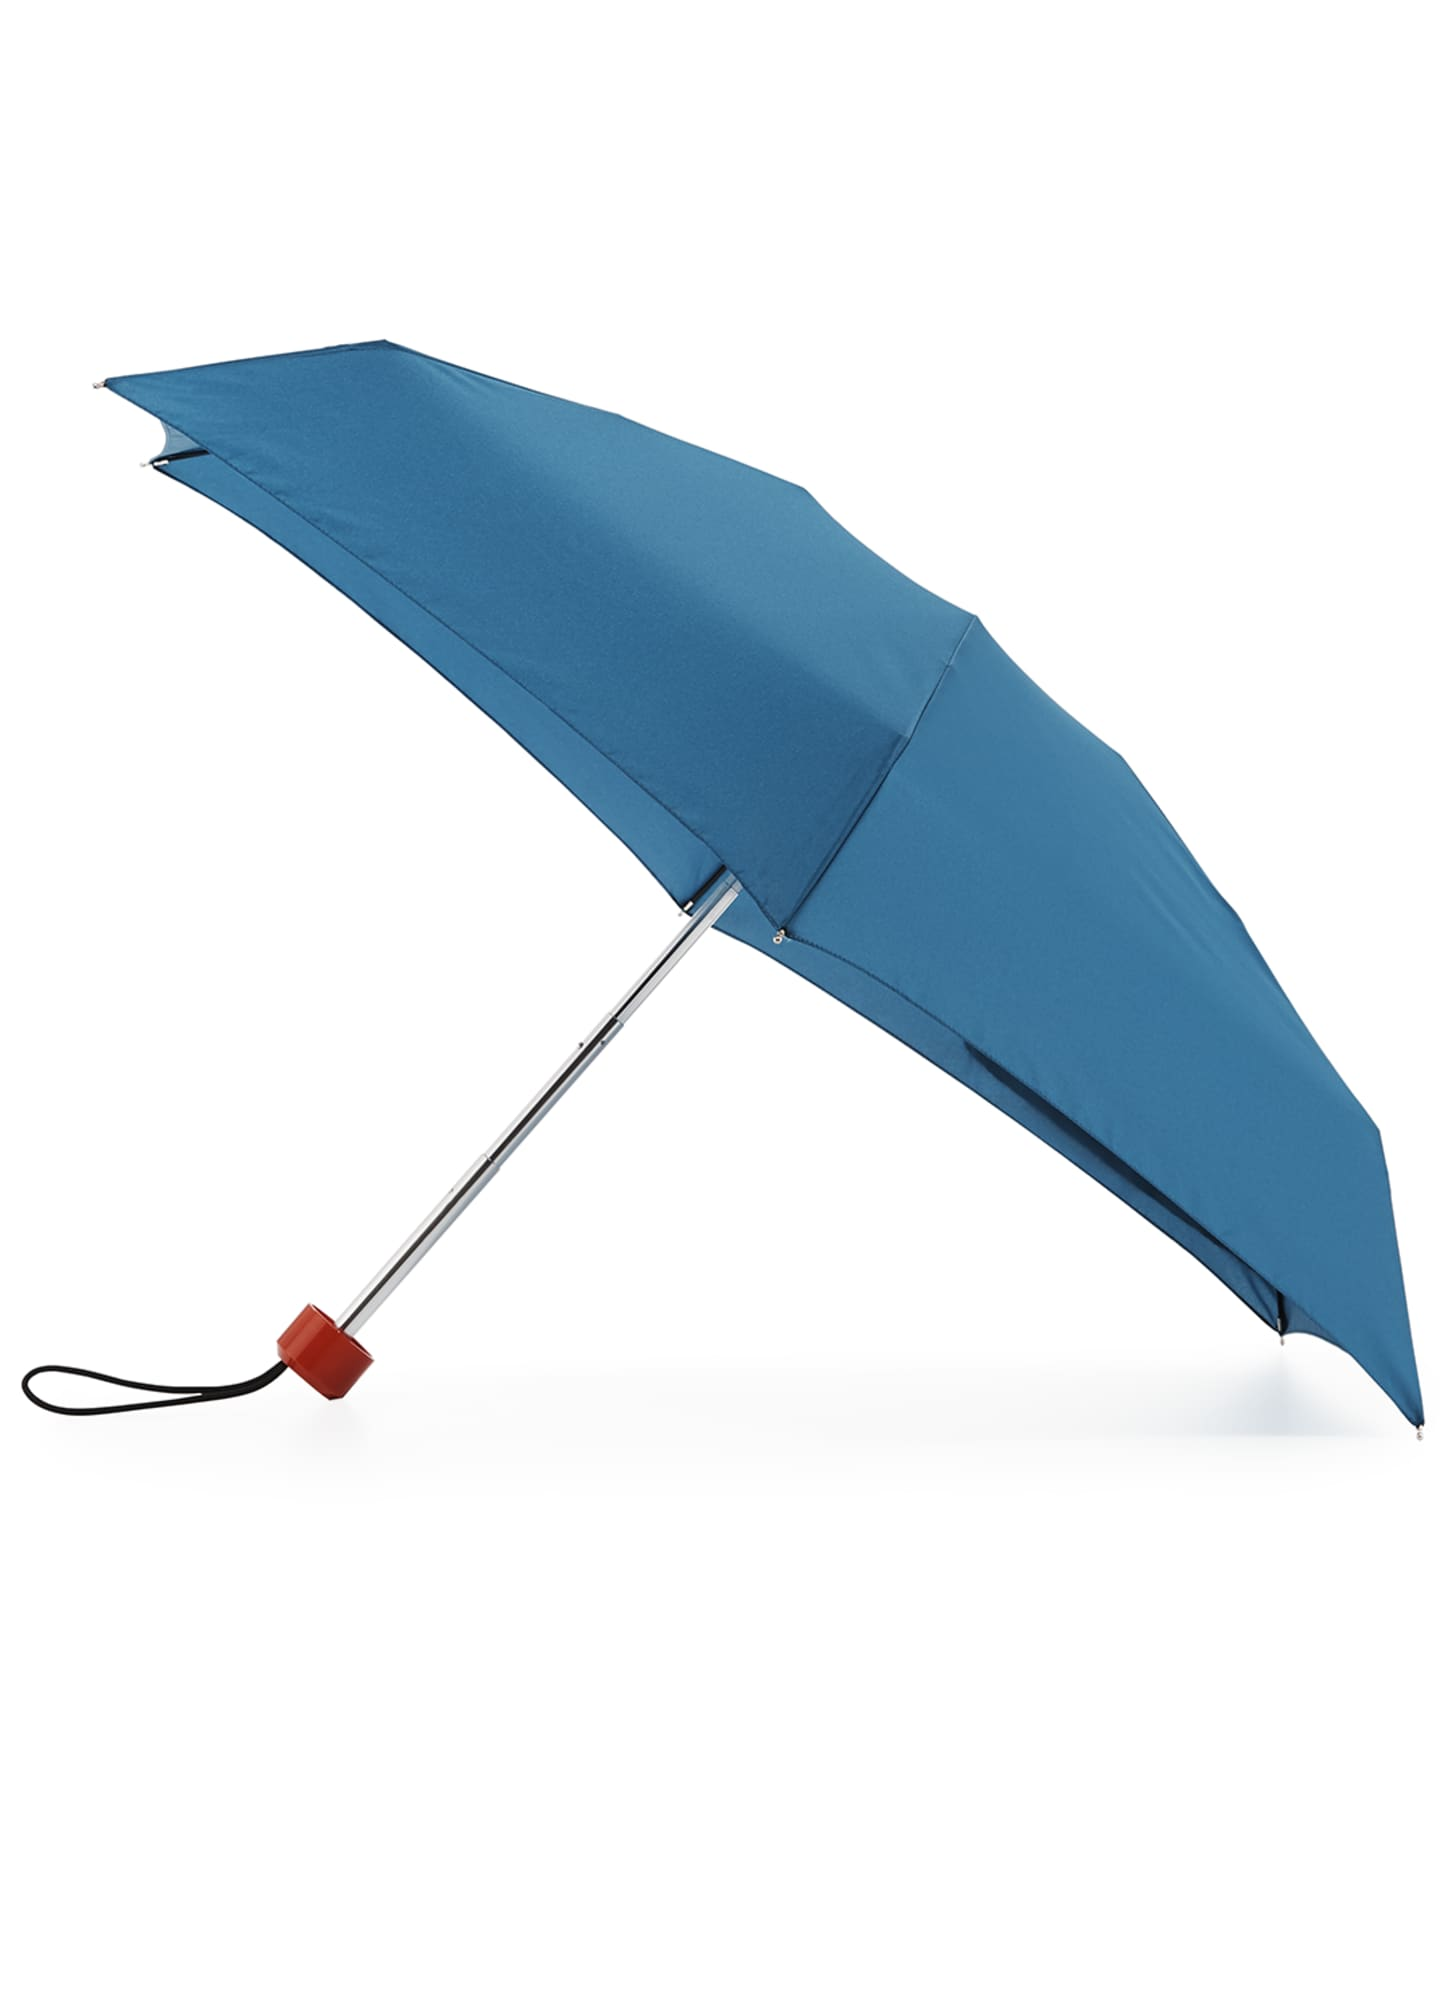 Hunter Boot Original Mini Compact Umbrella